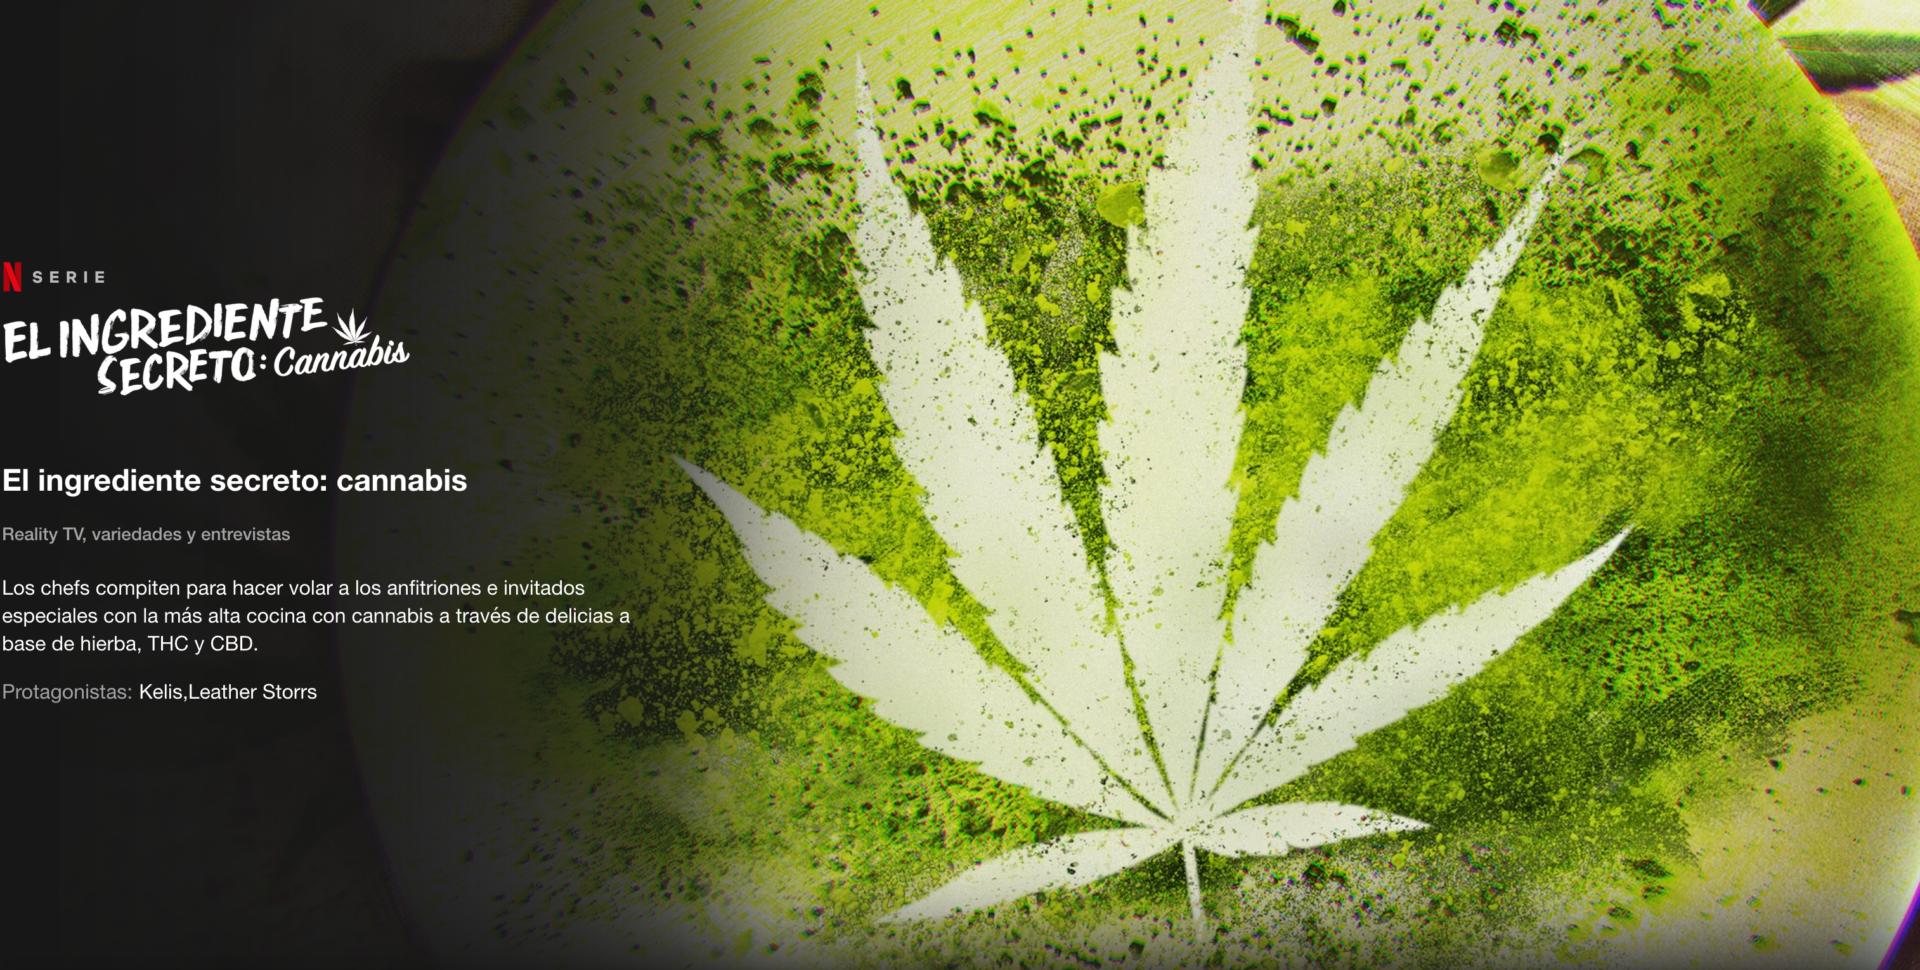 El Ingrediente Secreto: Cannabis